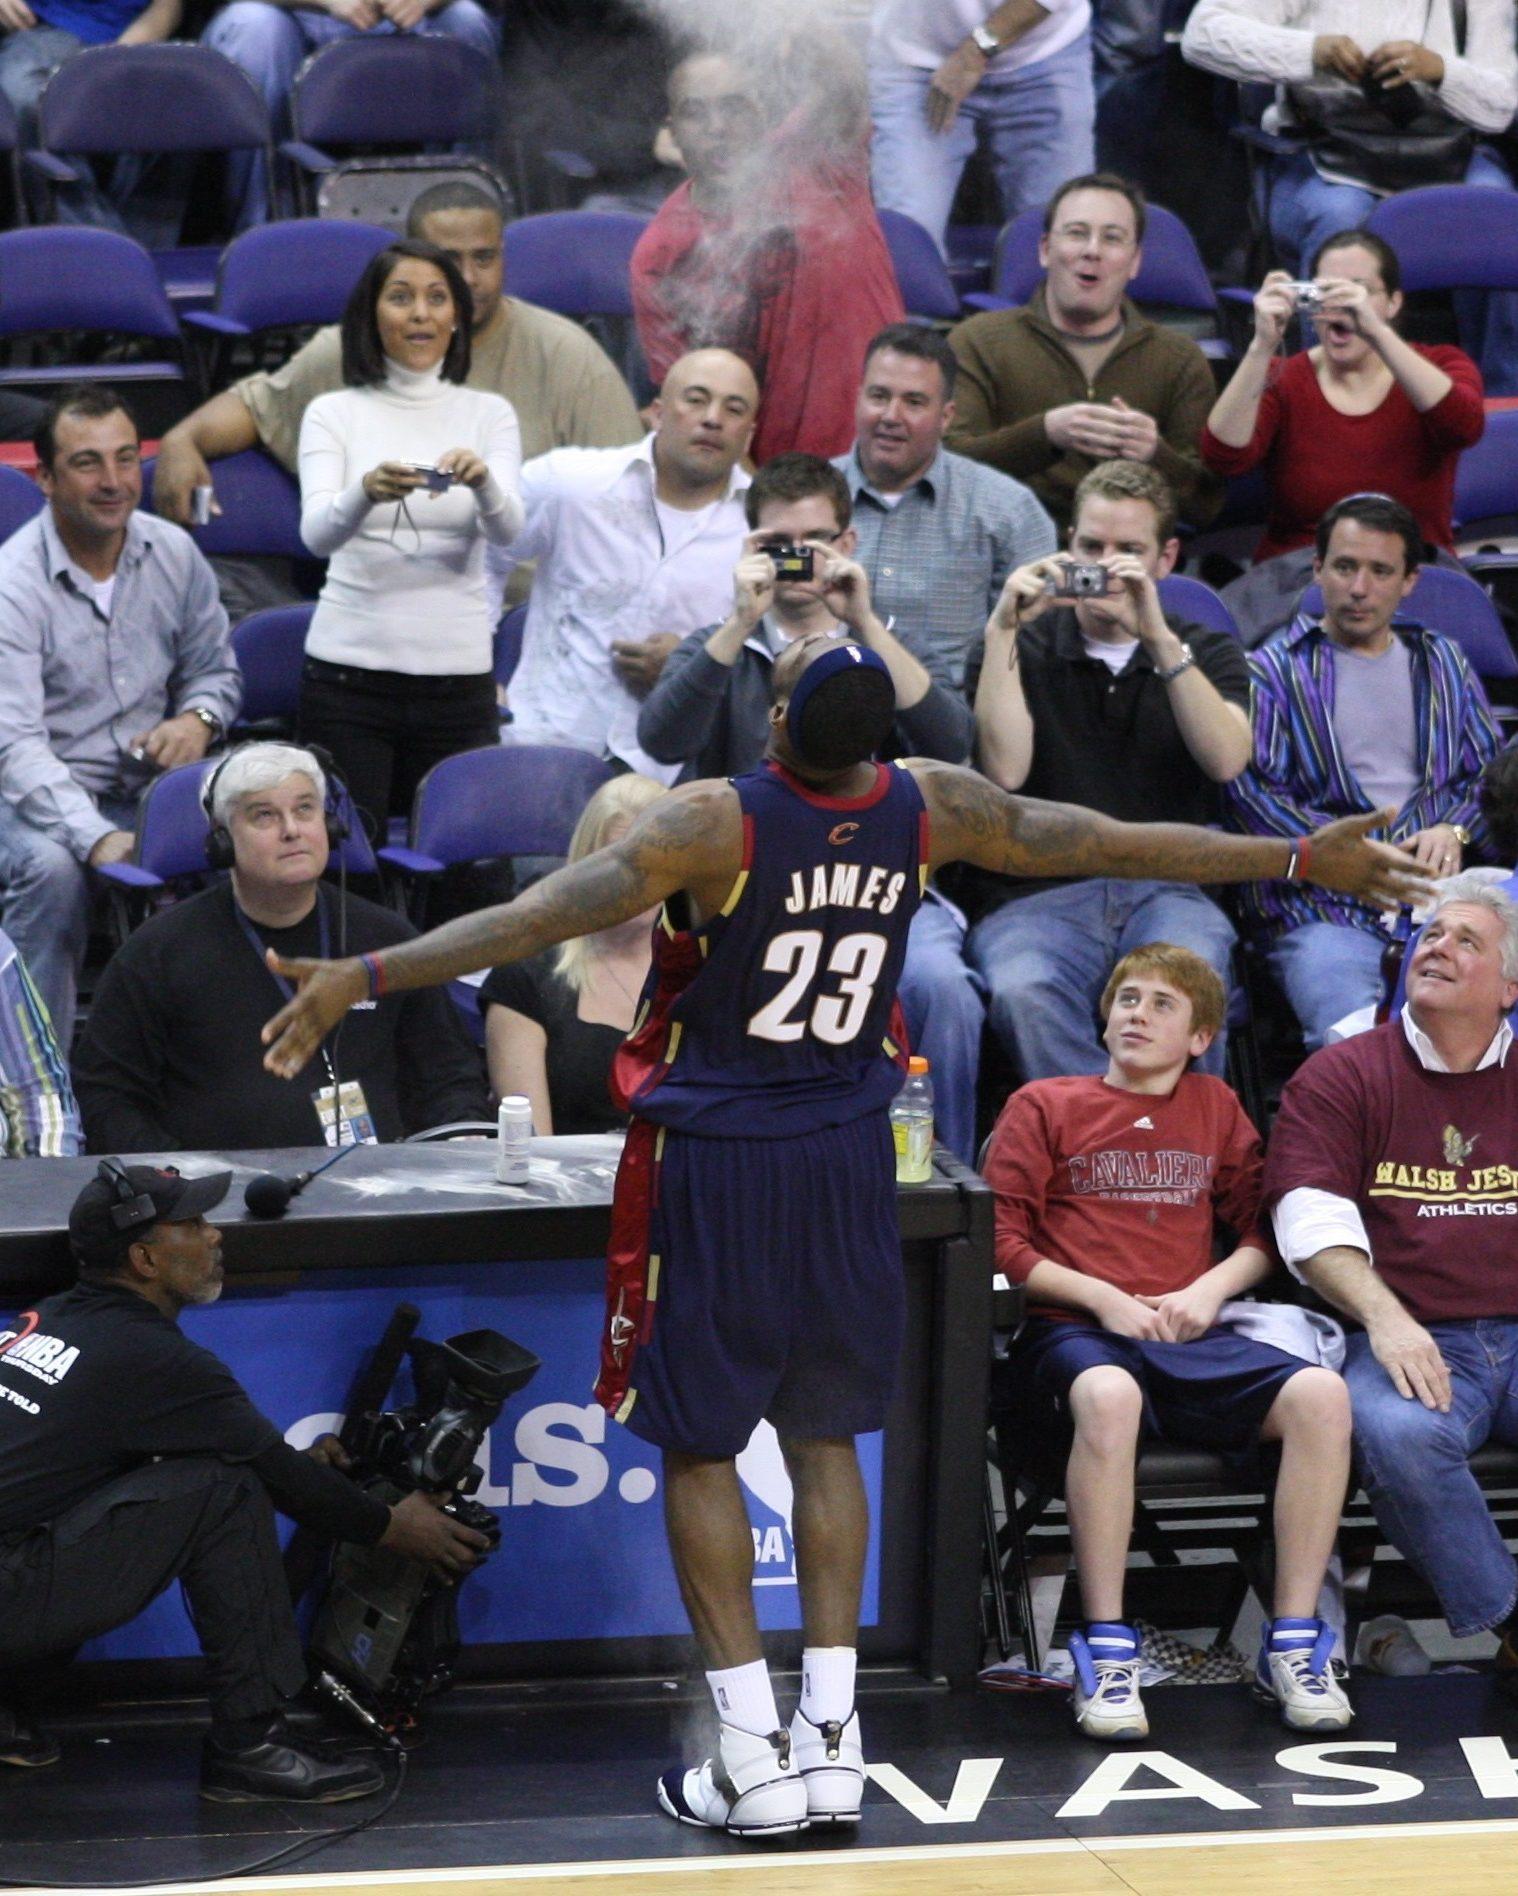 מה אם לברון ג'יימס לא היה מצליח? דמיינו את ה-NBA ללא המלך ג'יימס – בן גוליבר / Smiley